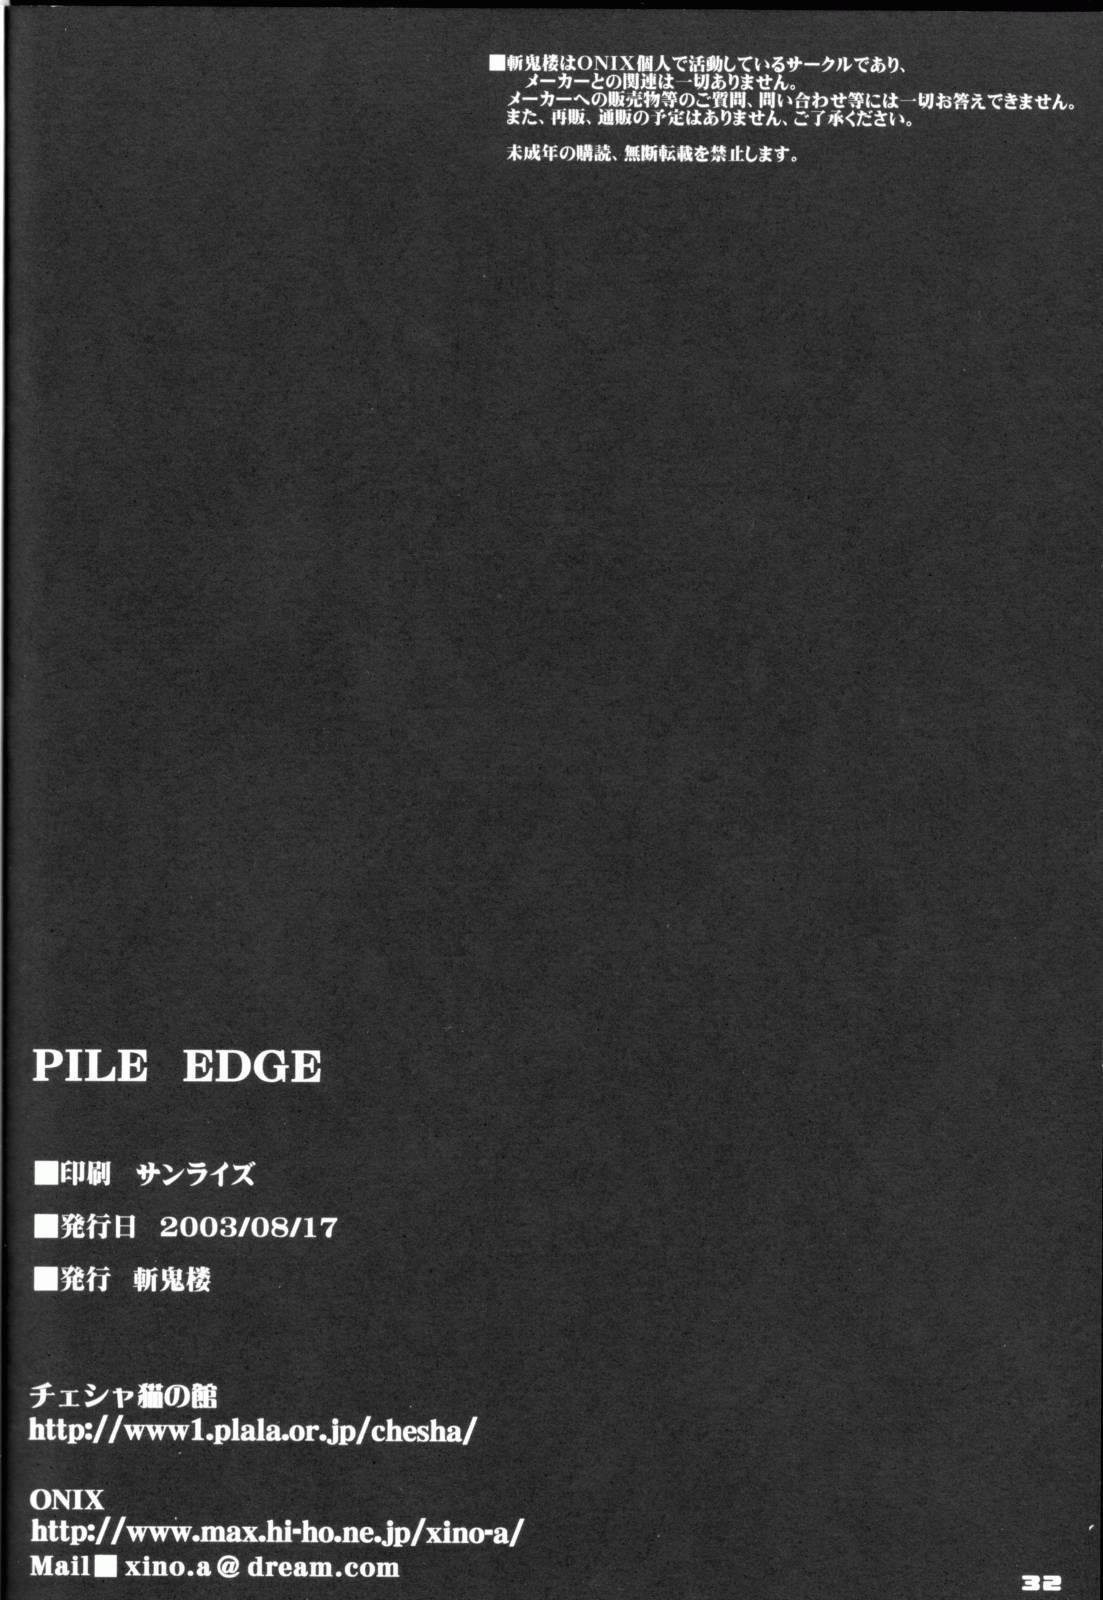 PILE EDGE 29